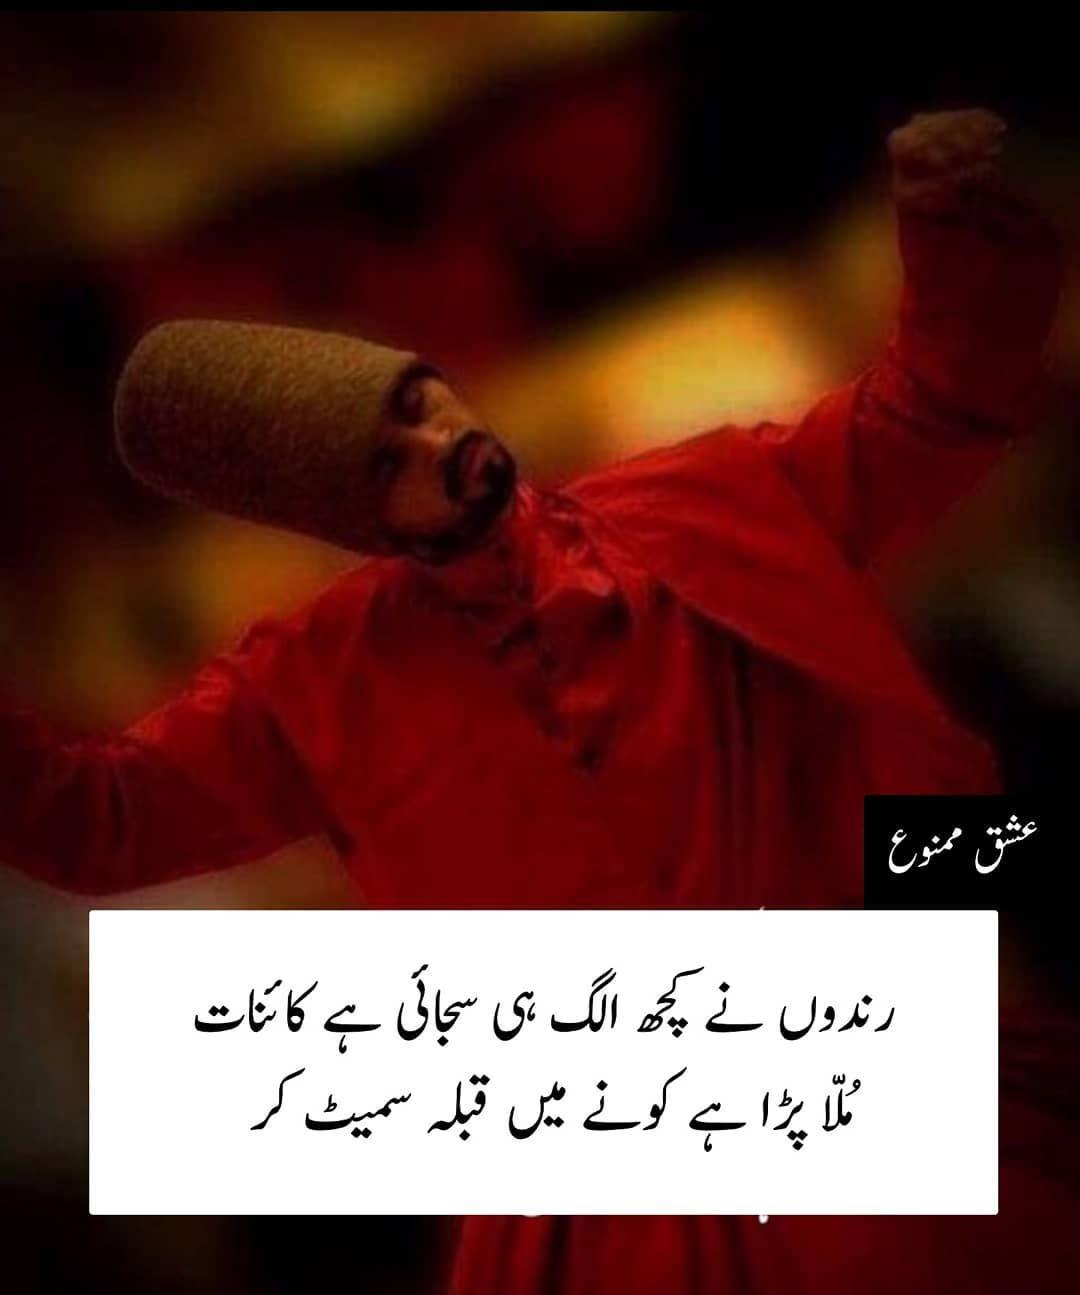 Pin By Alqma Faryal On Allaha Ishq Urdu Poetry Poetry Instagram